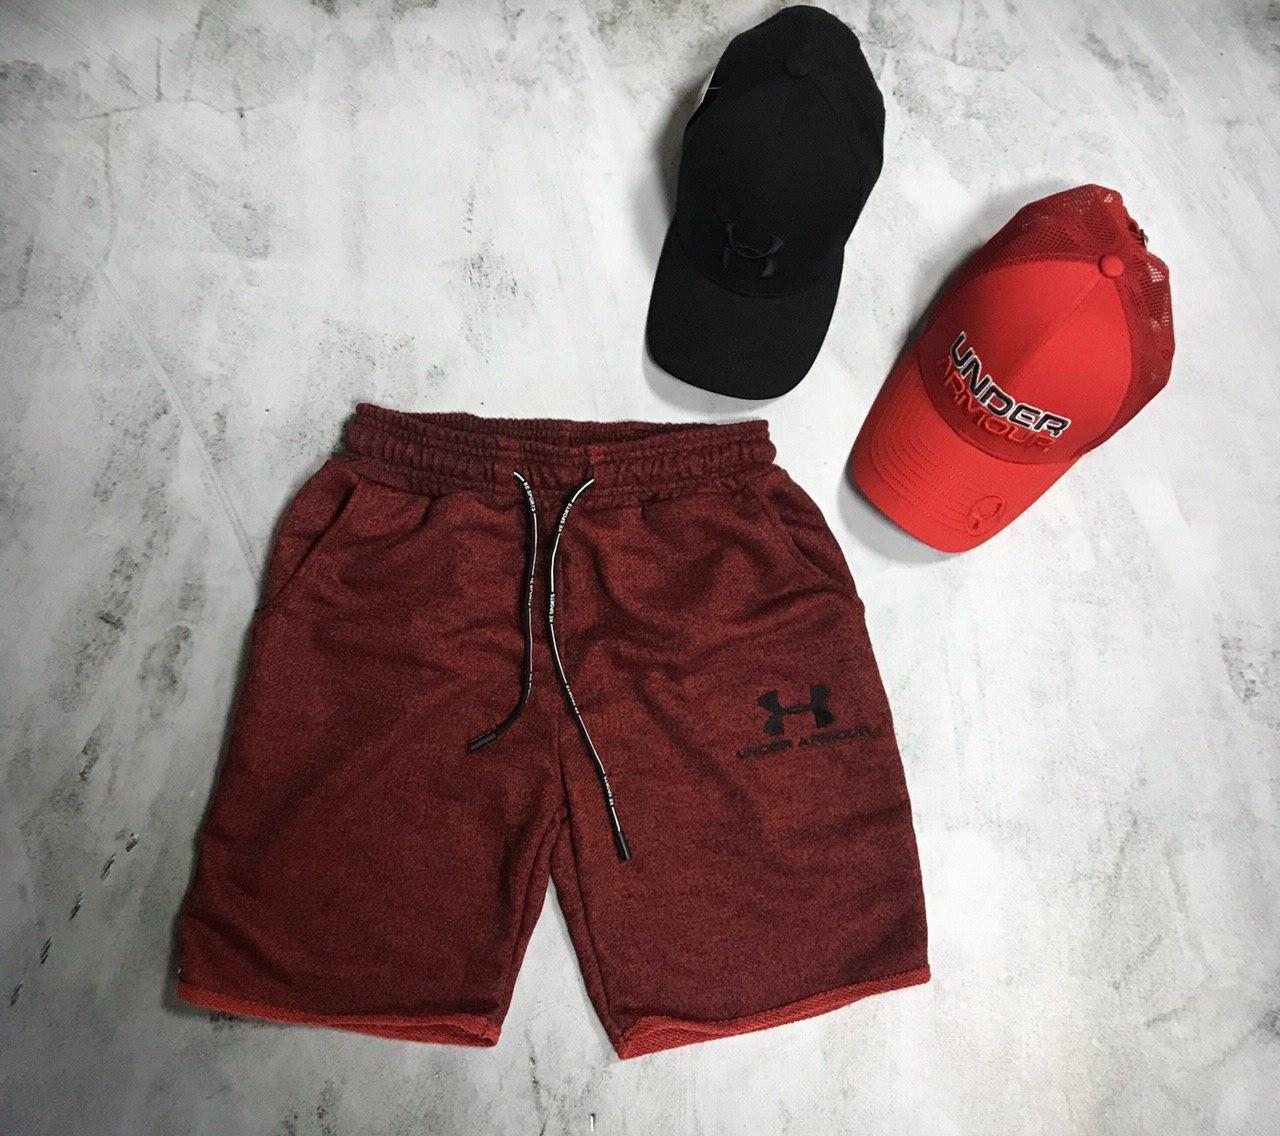 Спортивные мужские шорты Under Armour Ruby